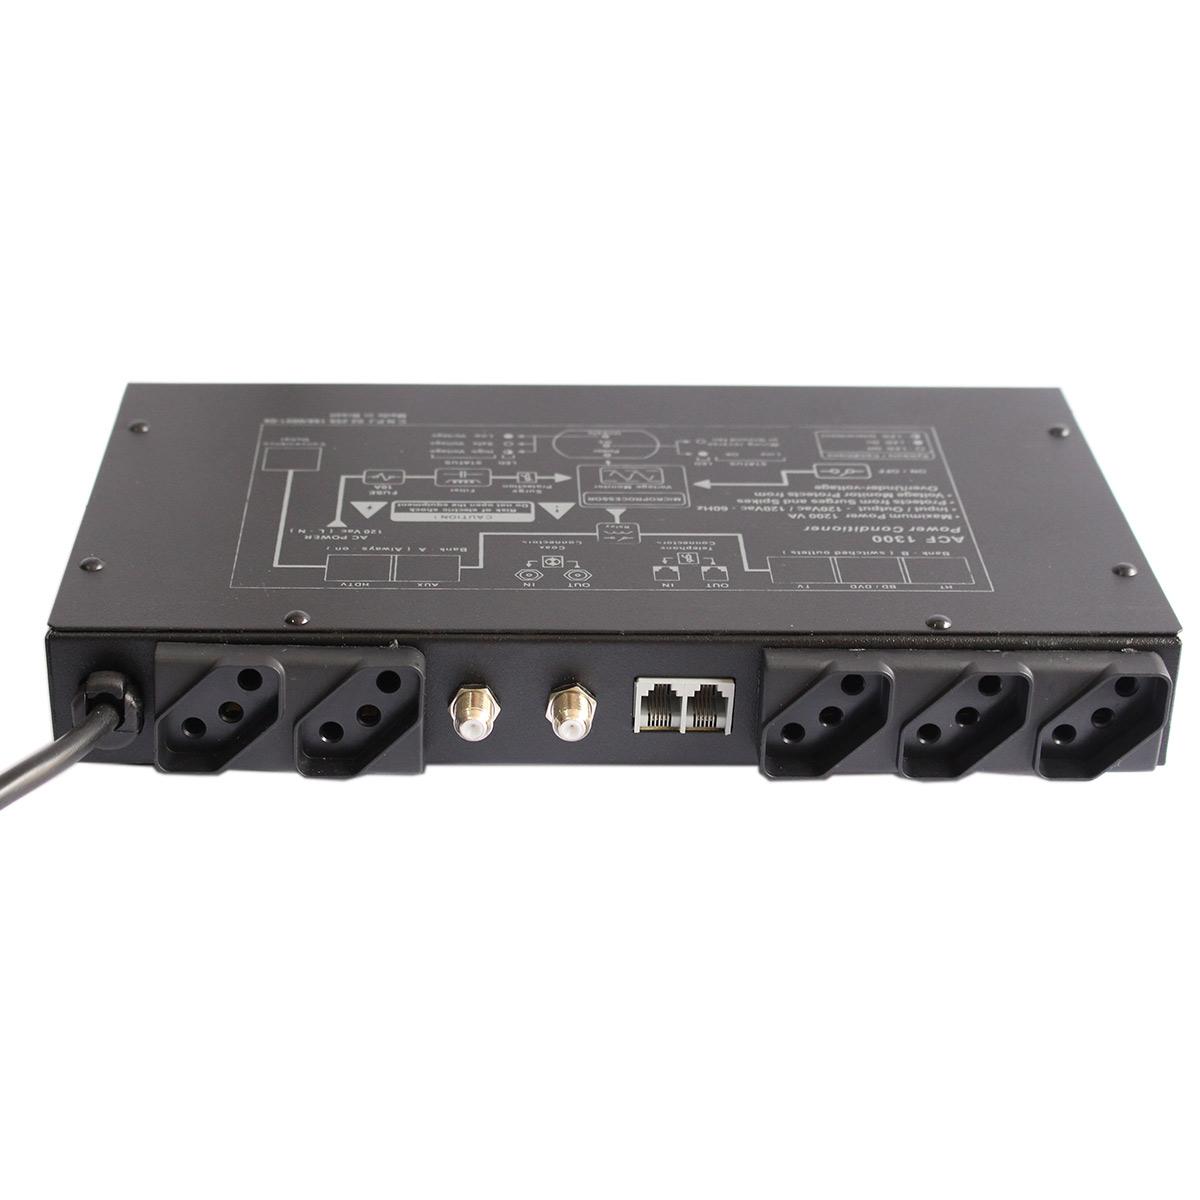 Condicionador de Energia 1200VA 220V ACF 1300 - Upsai